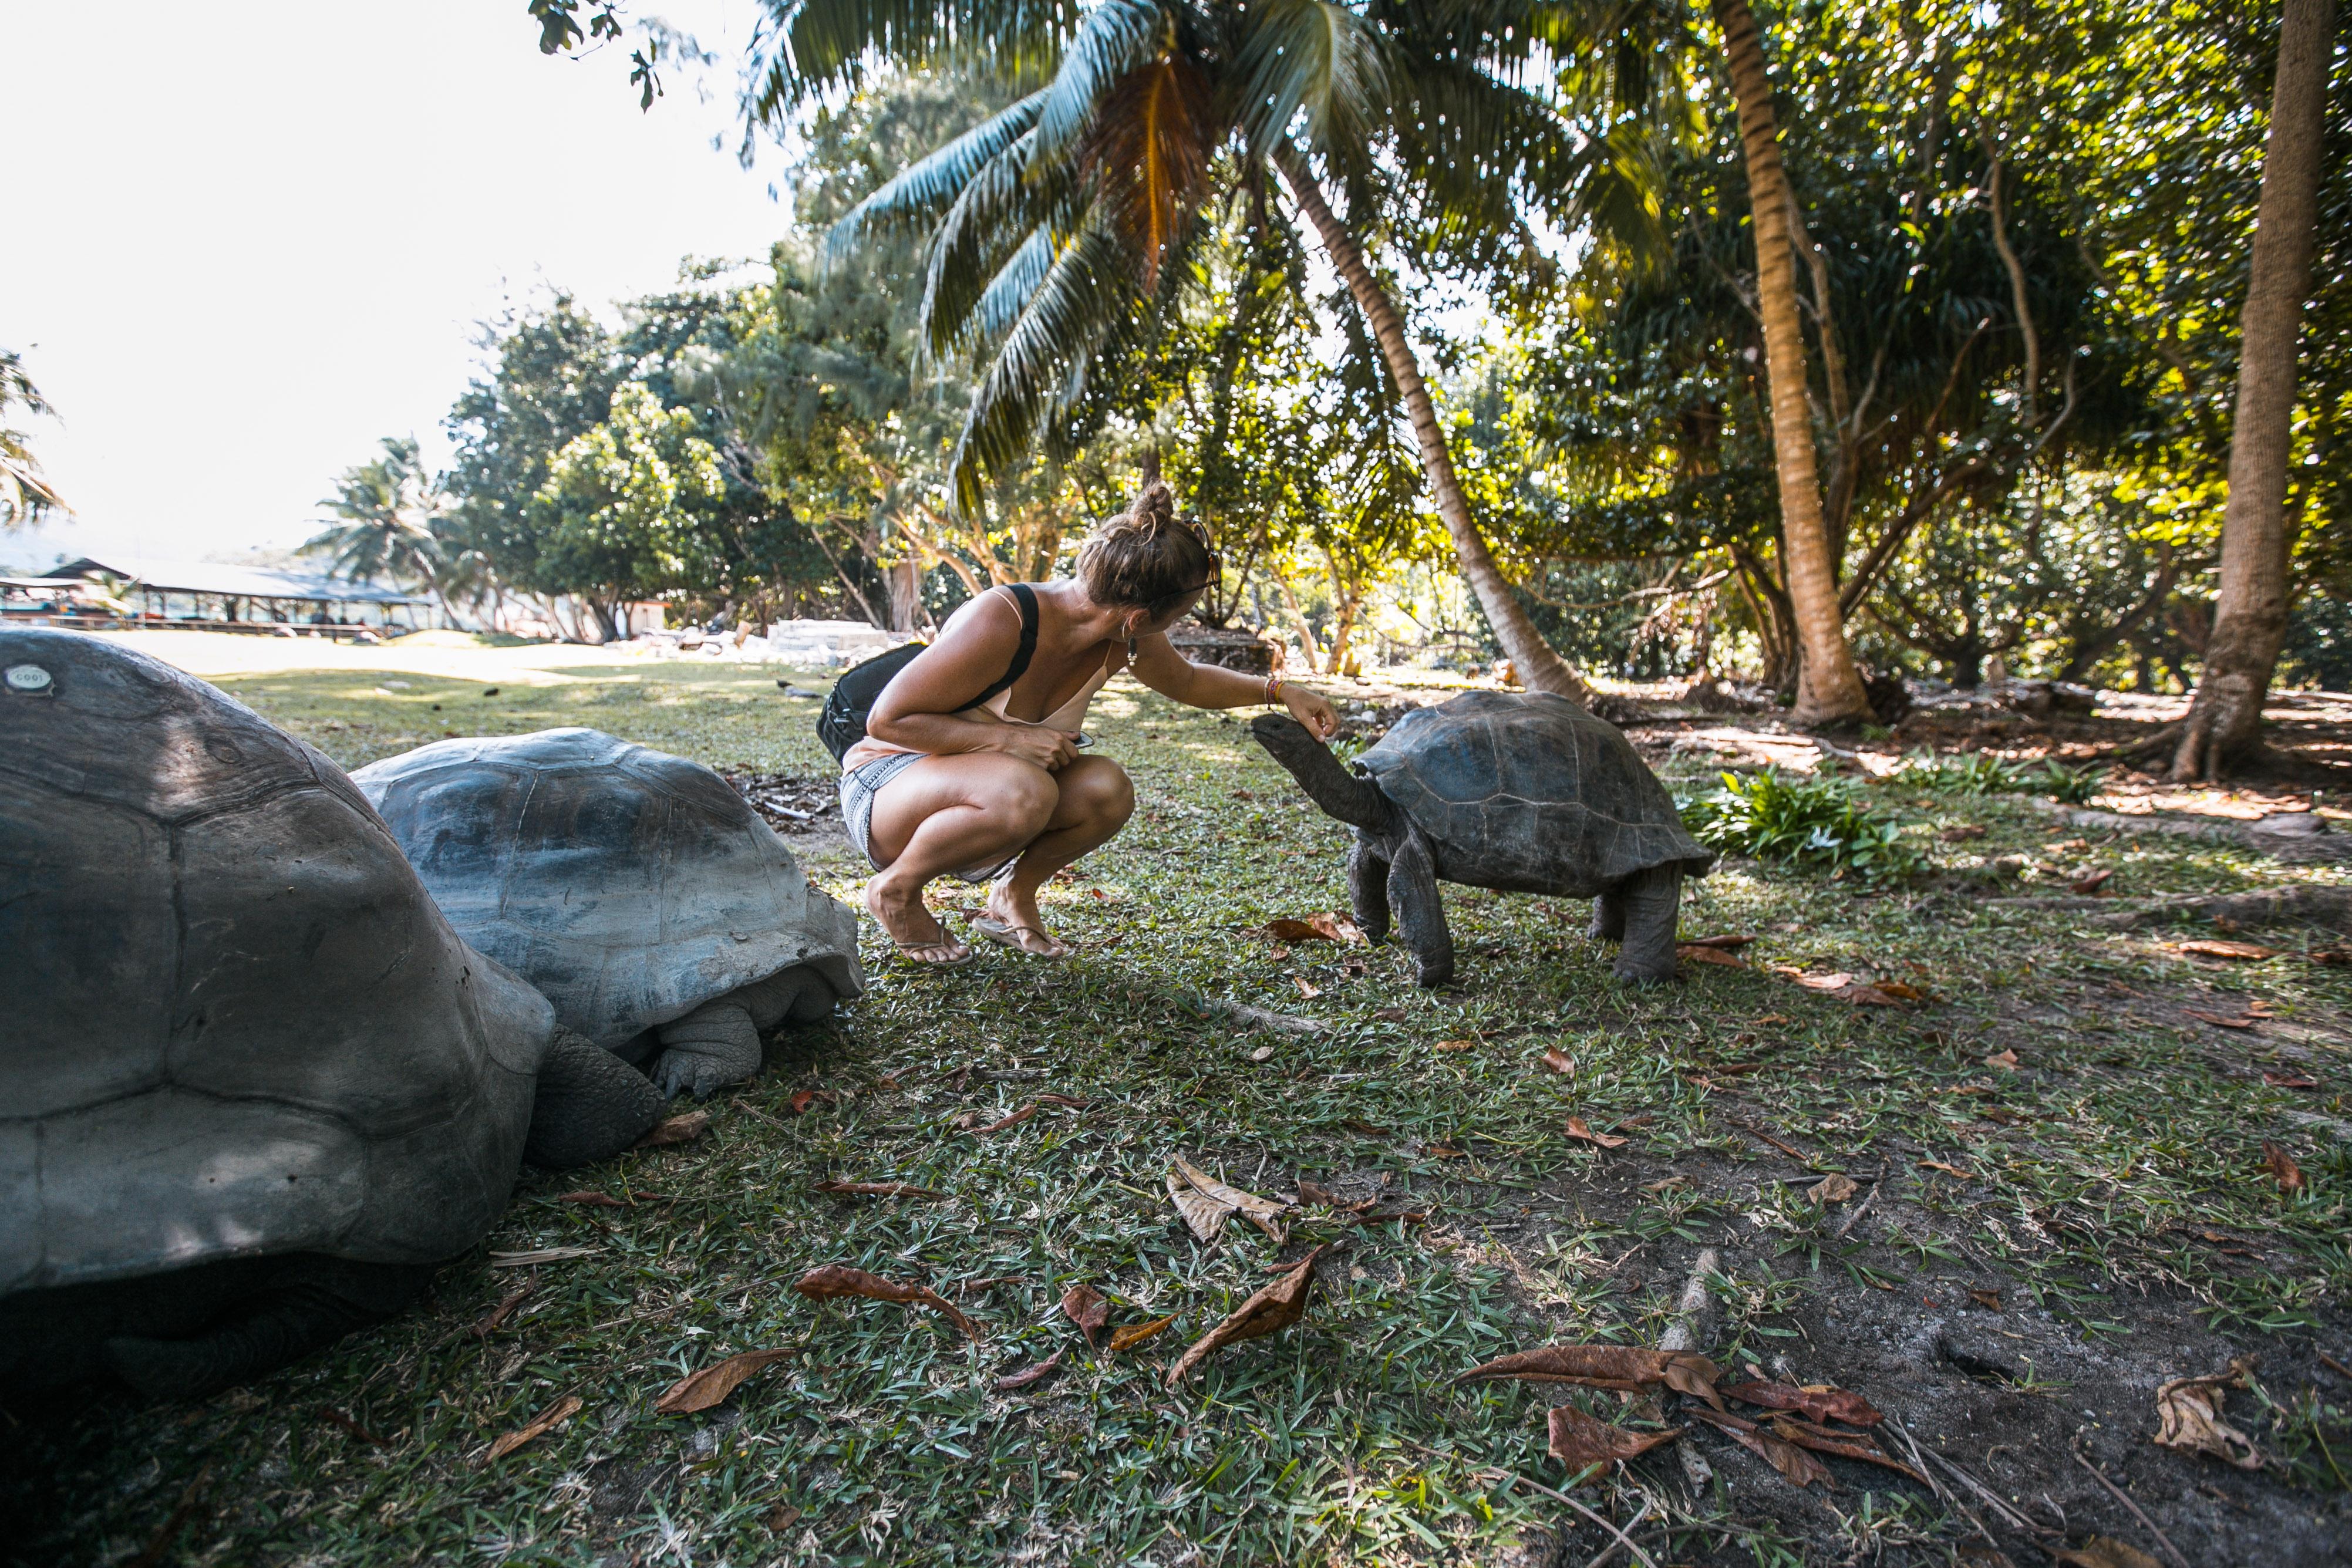 Curieuse Seychellen, Tipps Praslin, Ausflüge auf Praslin, Highlights, Riesenschildkröten